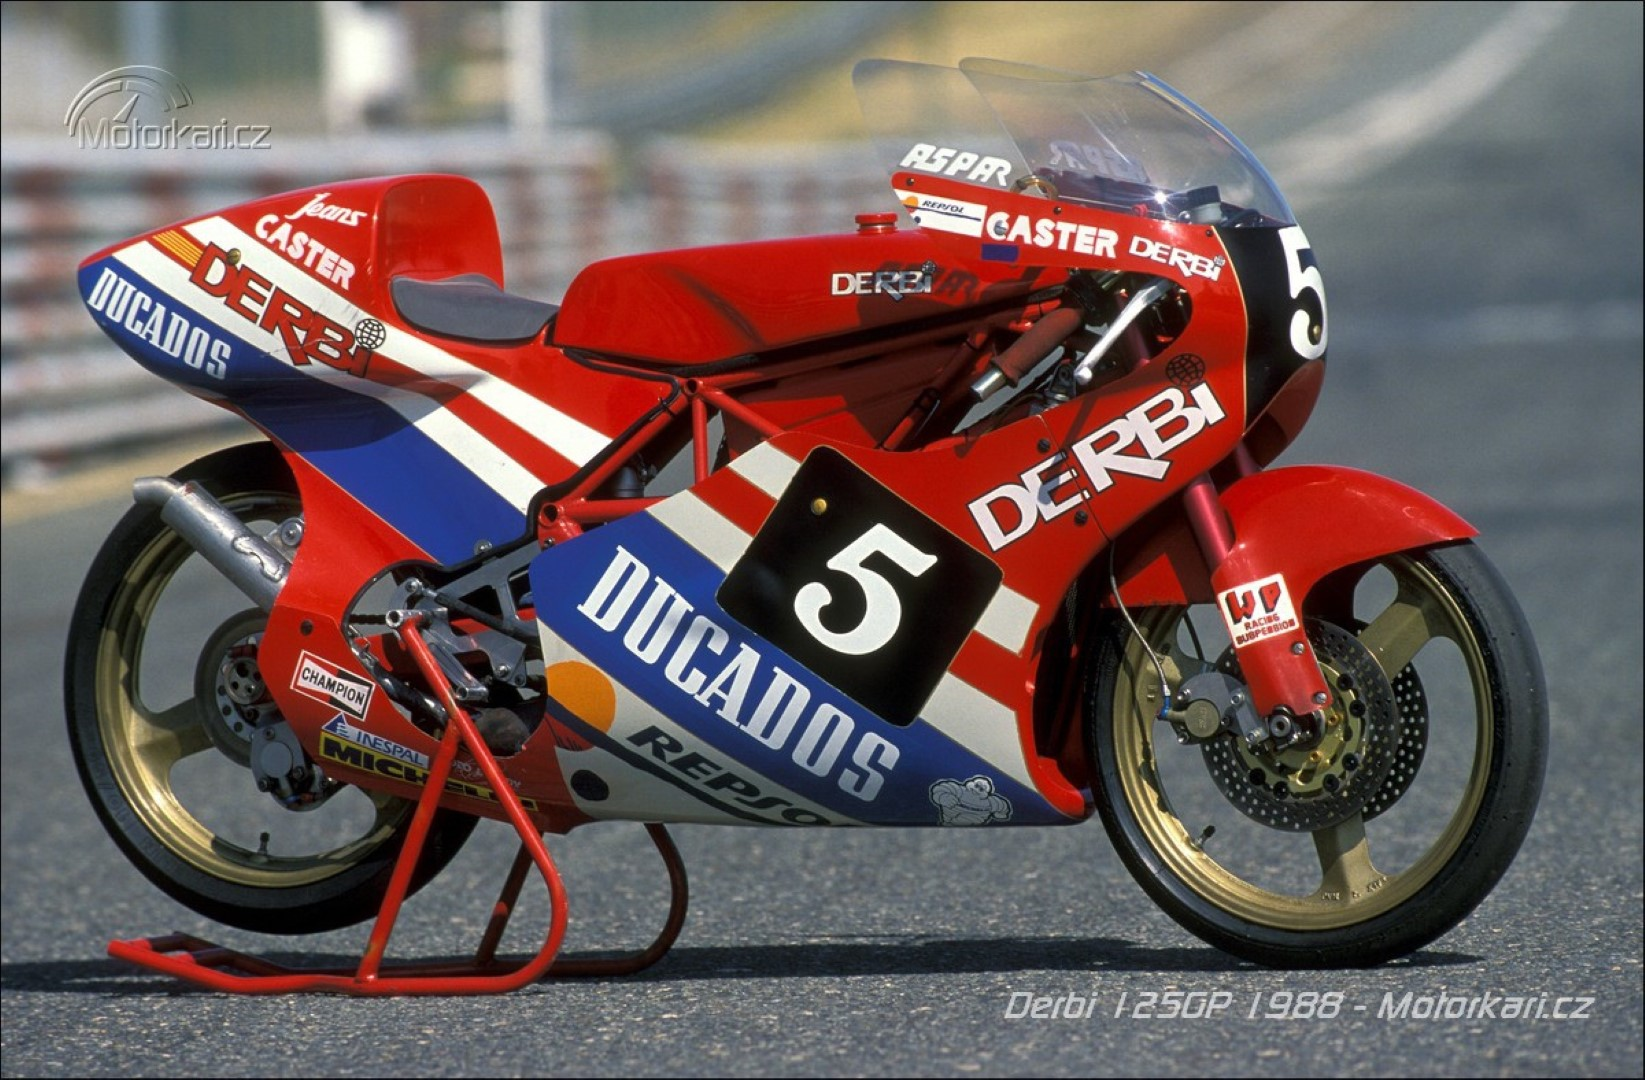 Classic Club: Derbi 125 GP. Galería de fotos